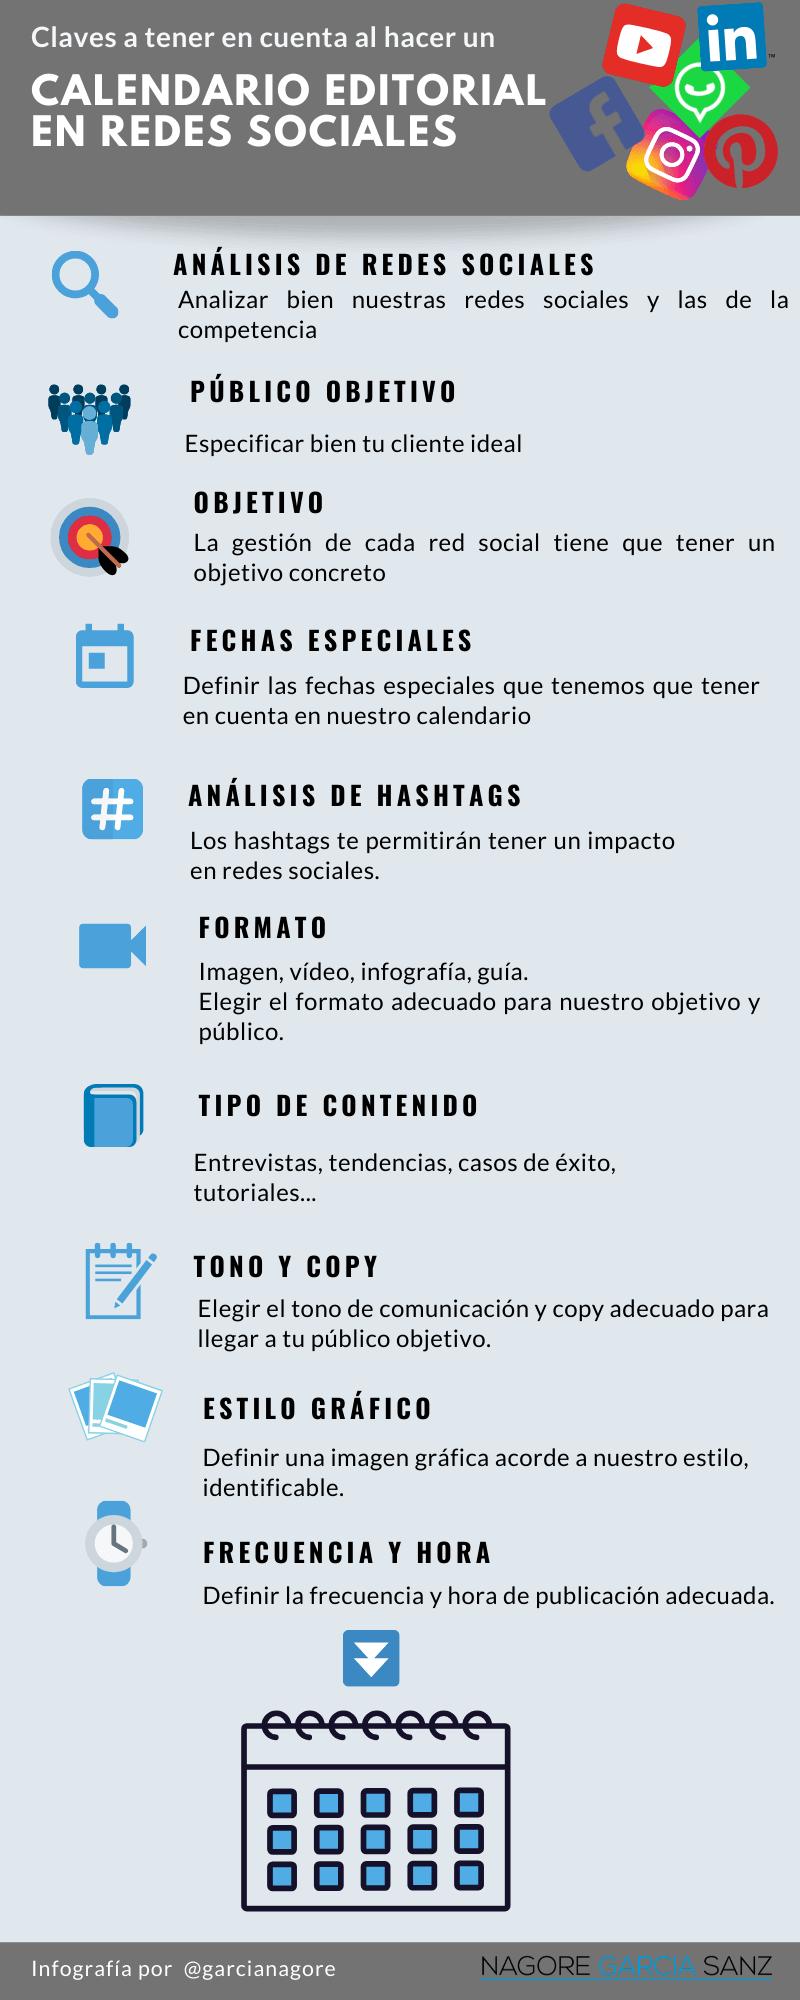 infografia calendario editorial redes